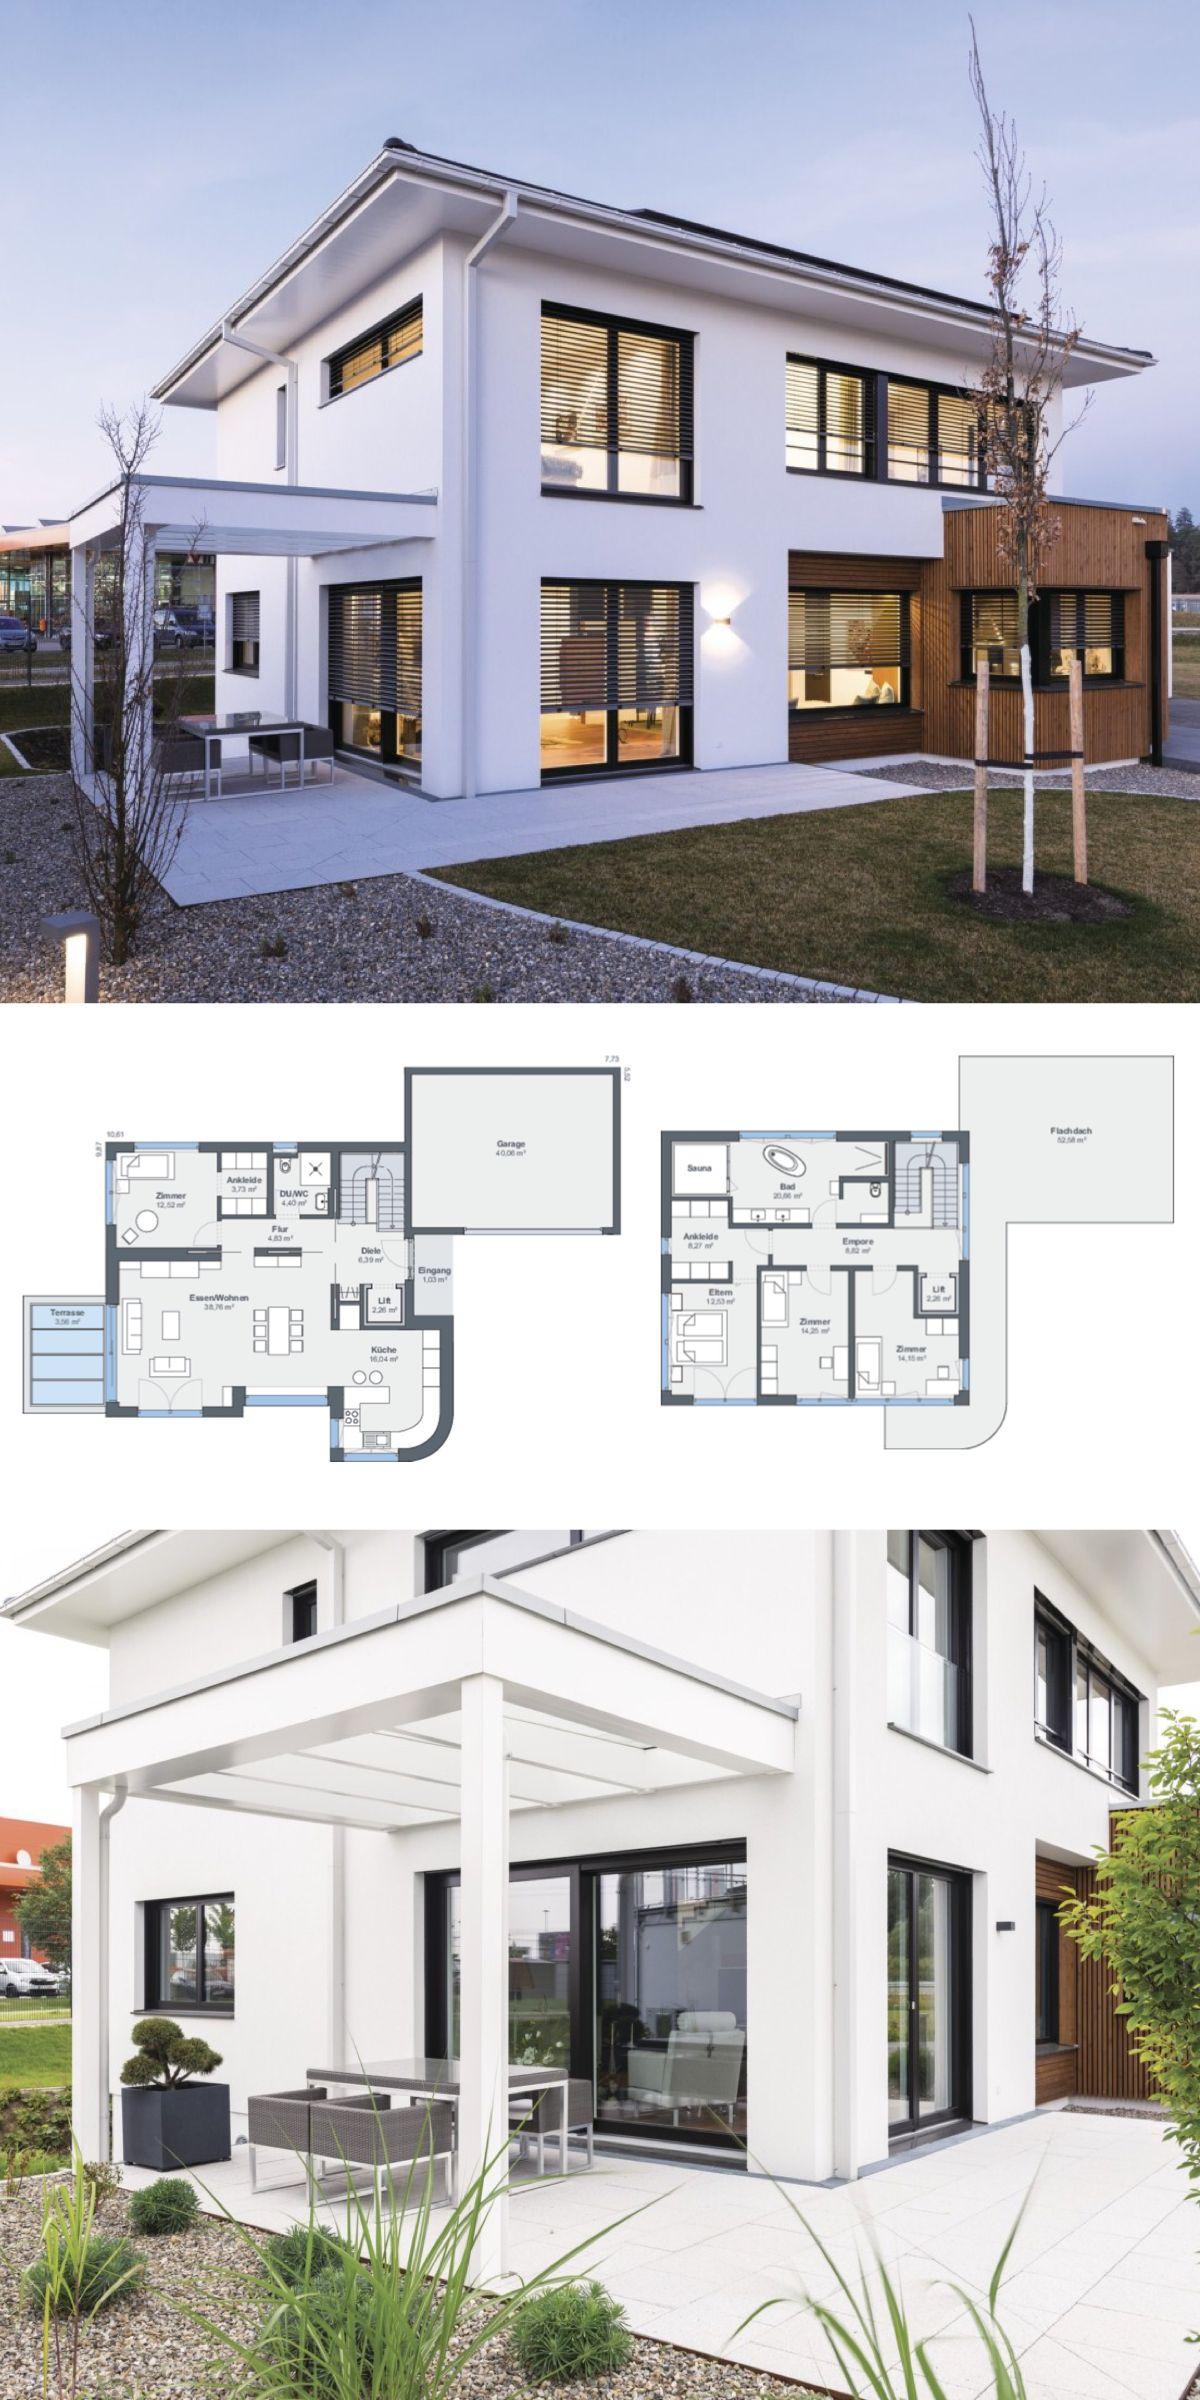 Stadtvilla Neubau Modern Mit Garage, Pergola U0026 Walmdach Architektur   Haus  Bauen Grundriss Ideen Fertighaus